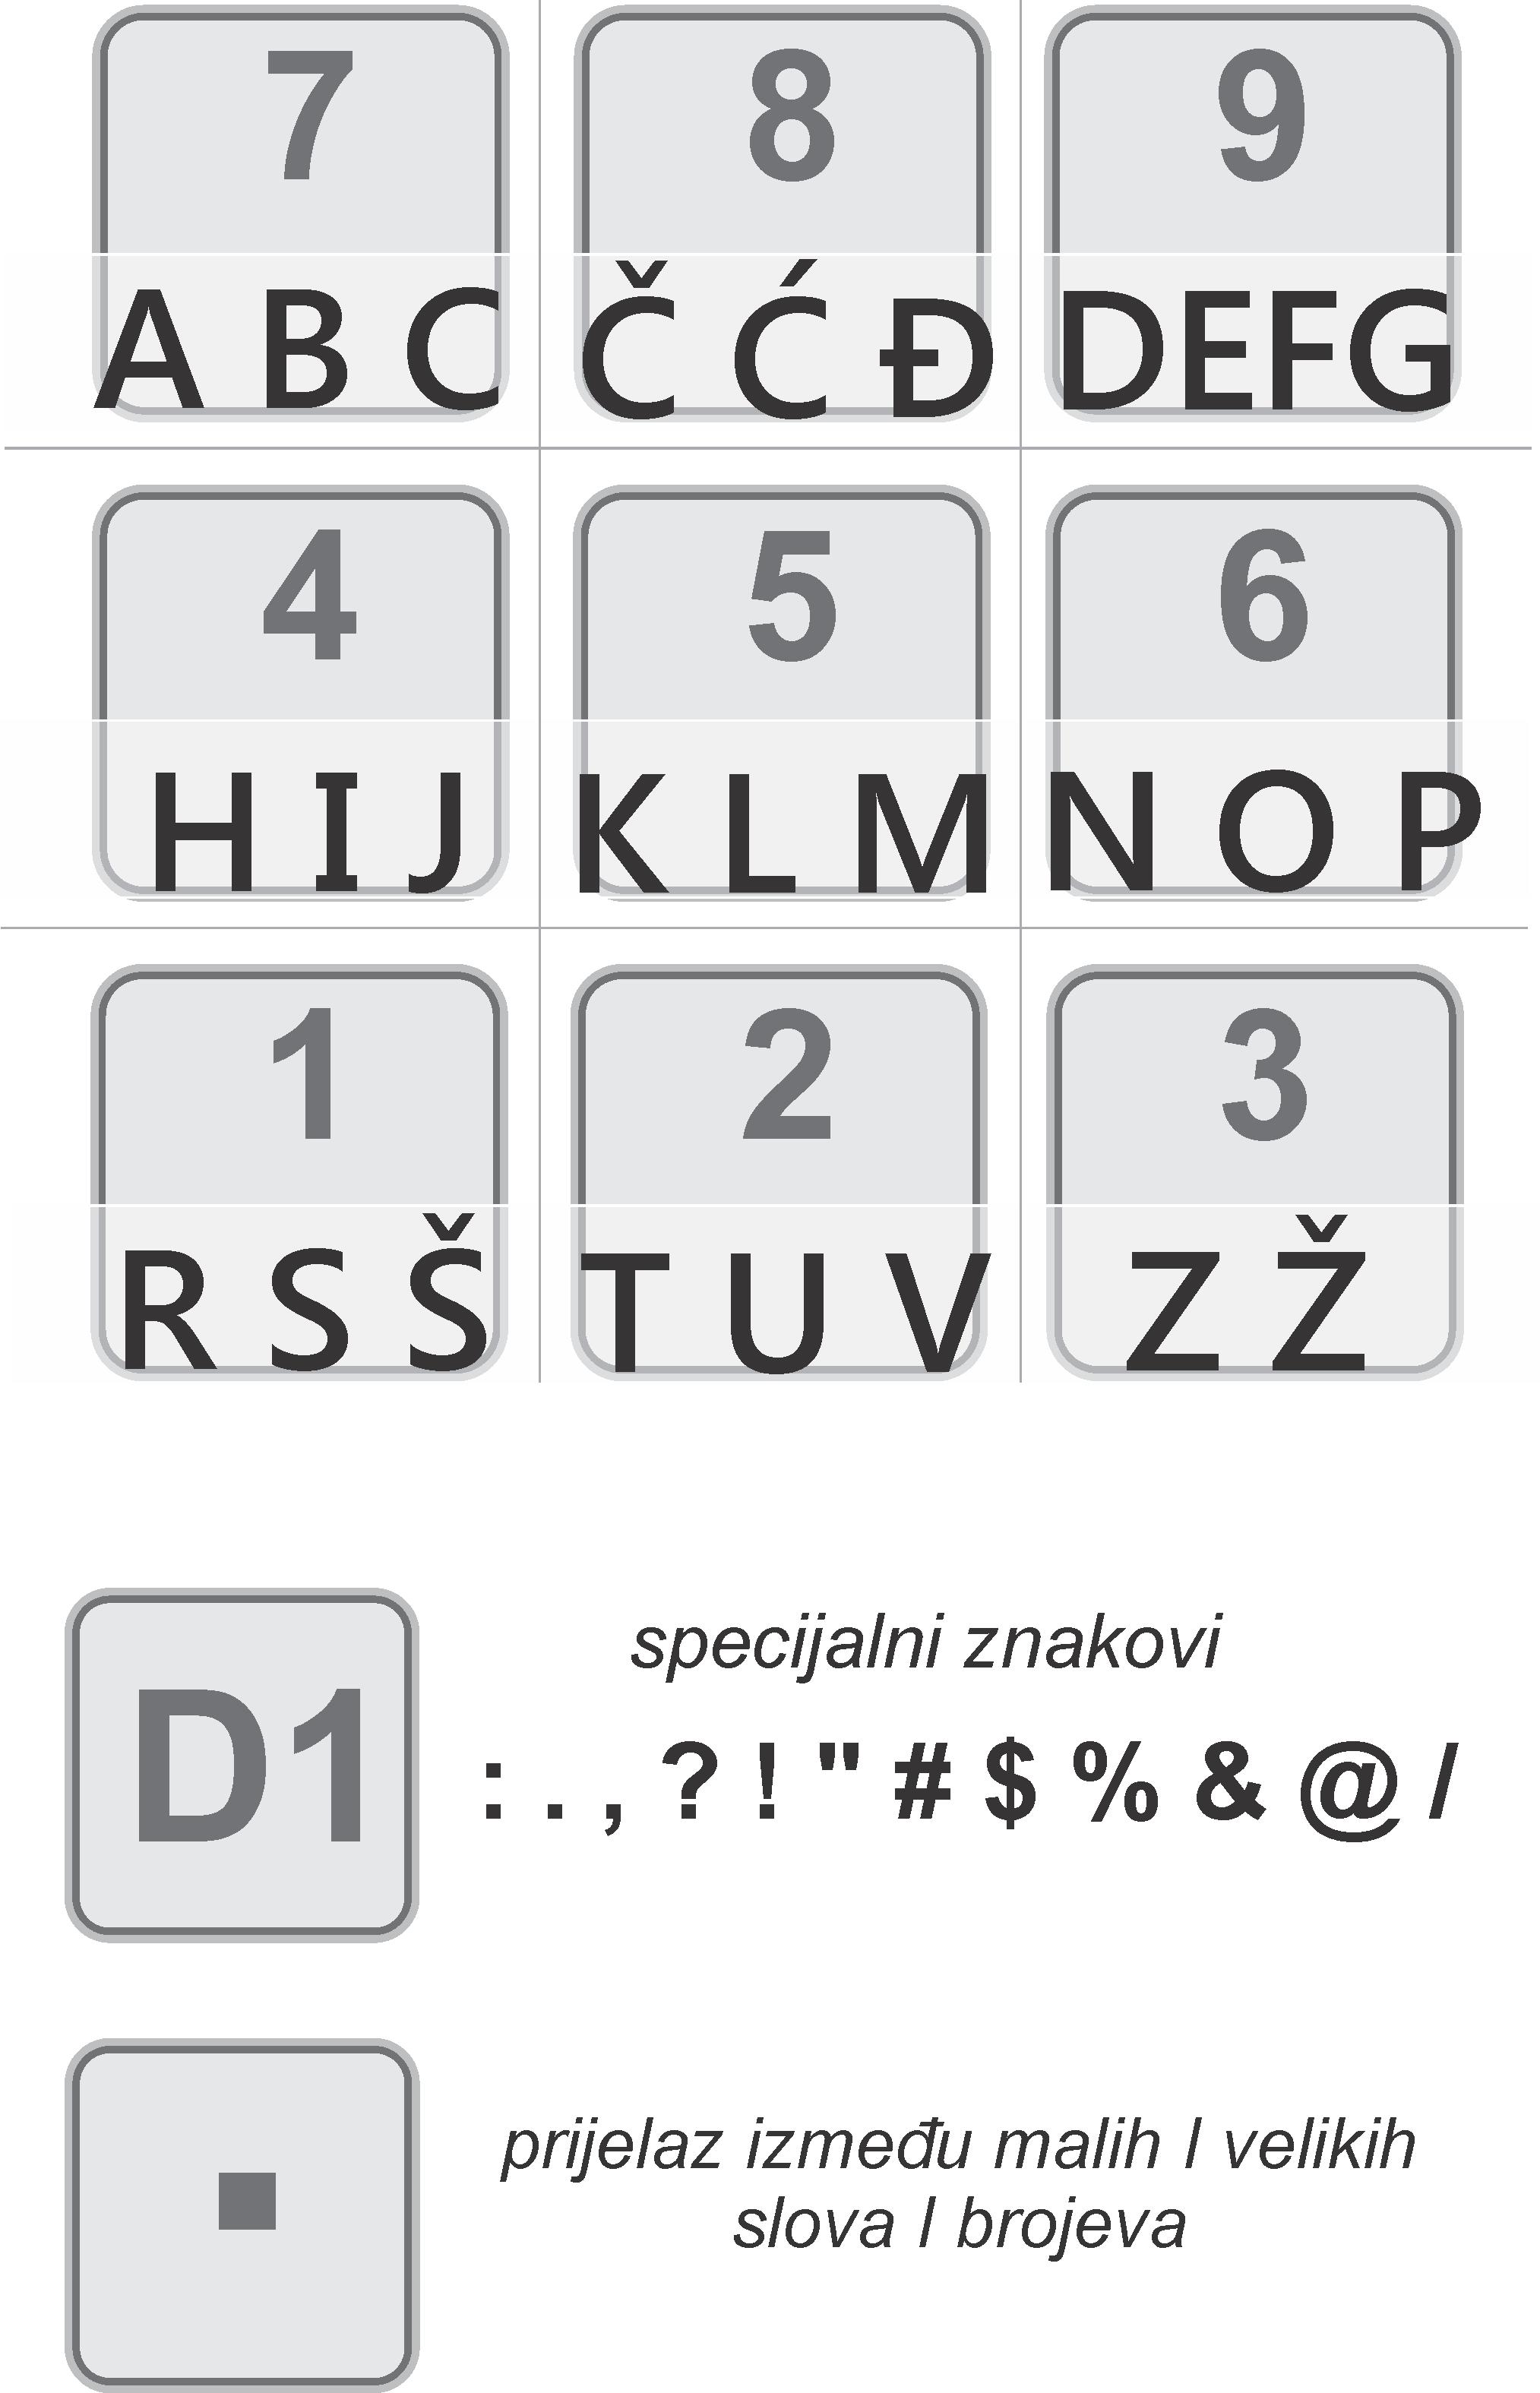 Raspored slova na Tremol kasama, Tremol M uputstvo za ručno korištenje